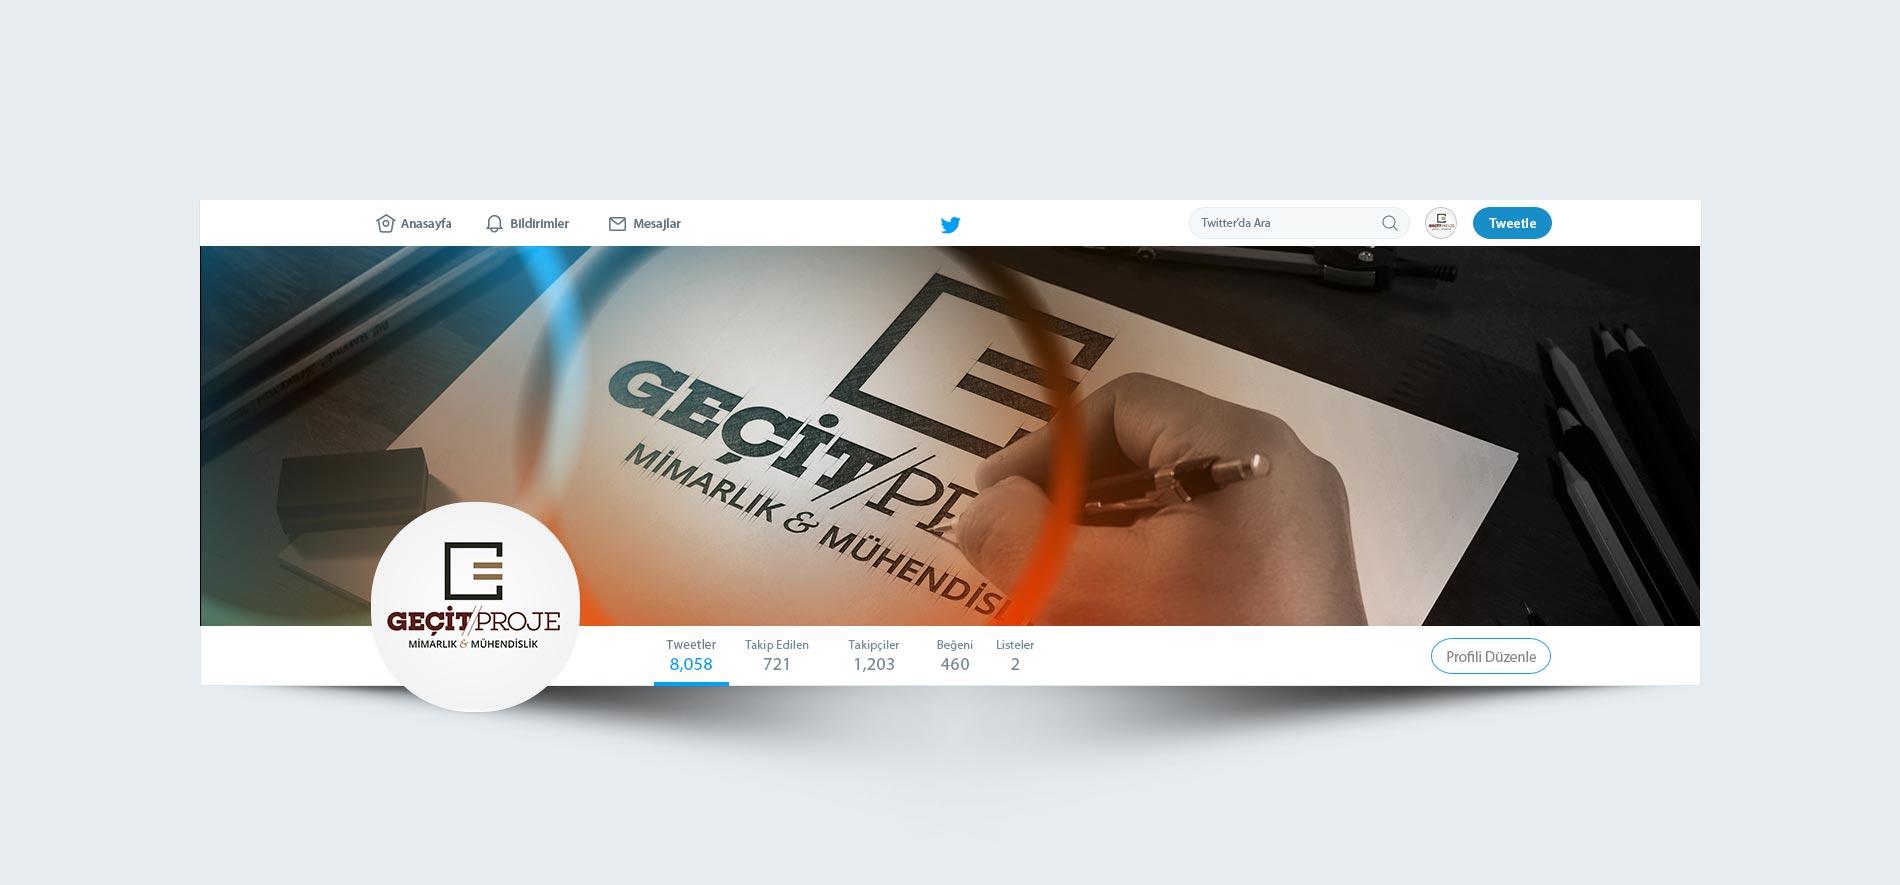 Twitter Kapağı Tasarımı | Geçit Proje